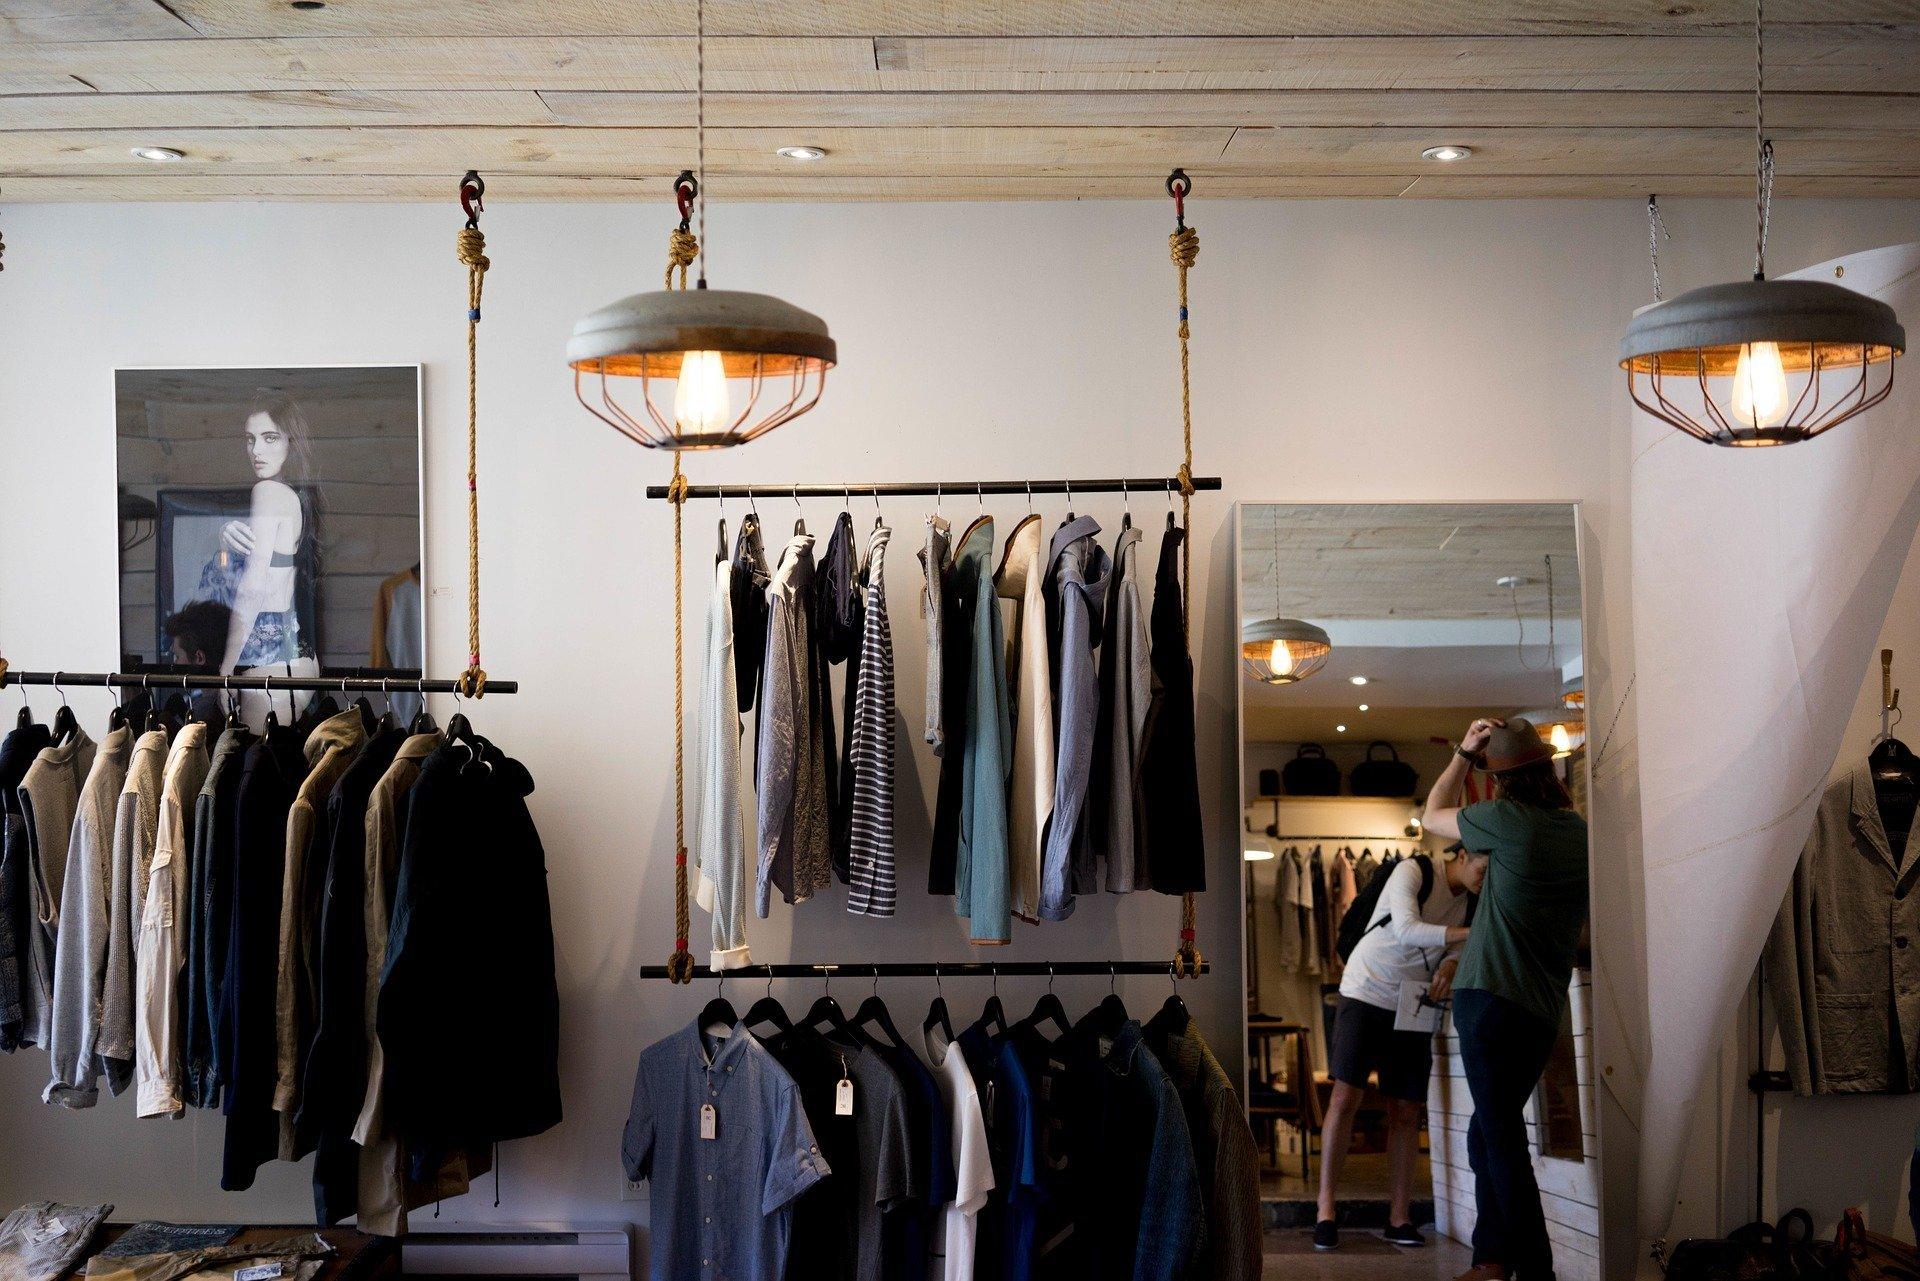 En busca de la moda segura y consciente, exigencias del nuevo consumidor / Foto: Pixabay.com